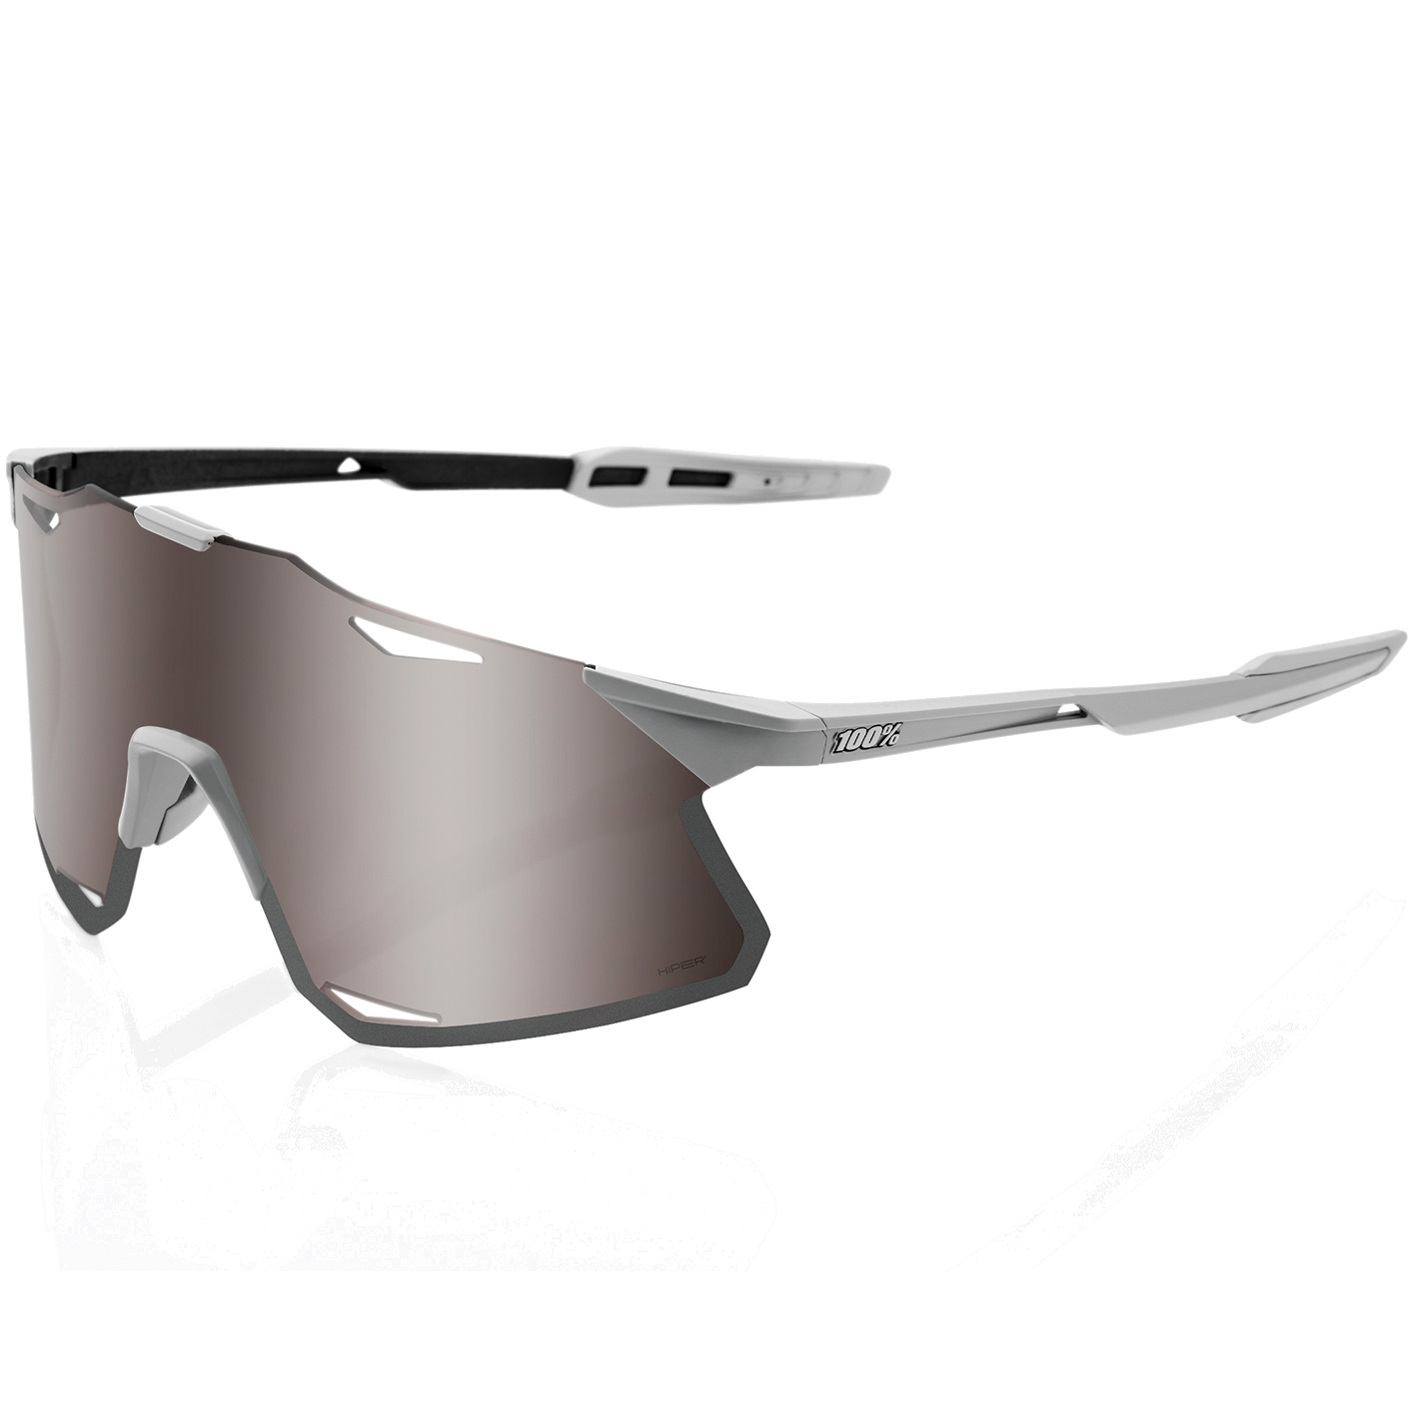 Imagen de 100% Hypercraft - HiPER Lens Gafas - Matte Stone Grey/Silver / Silver + Clear